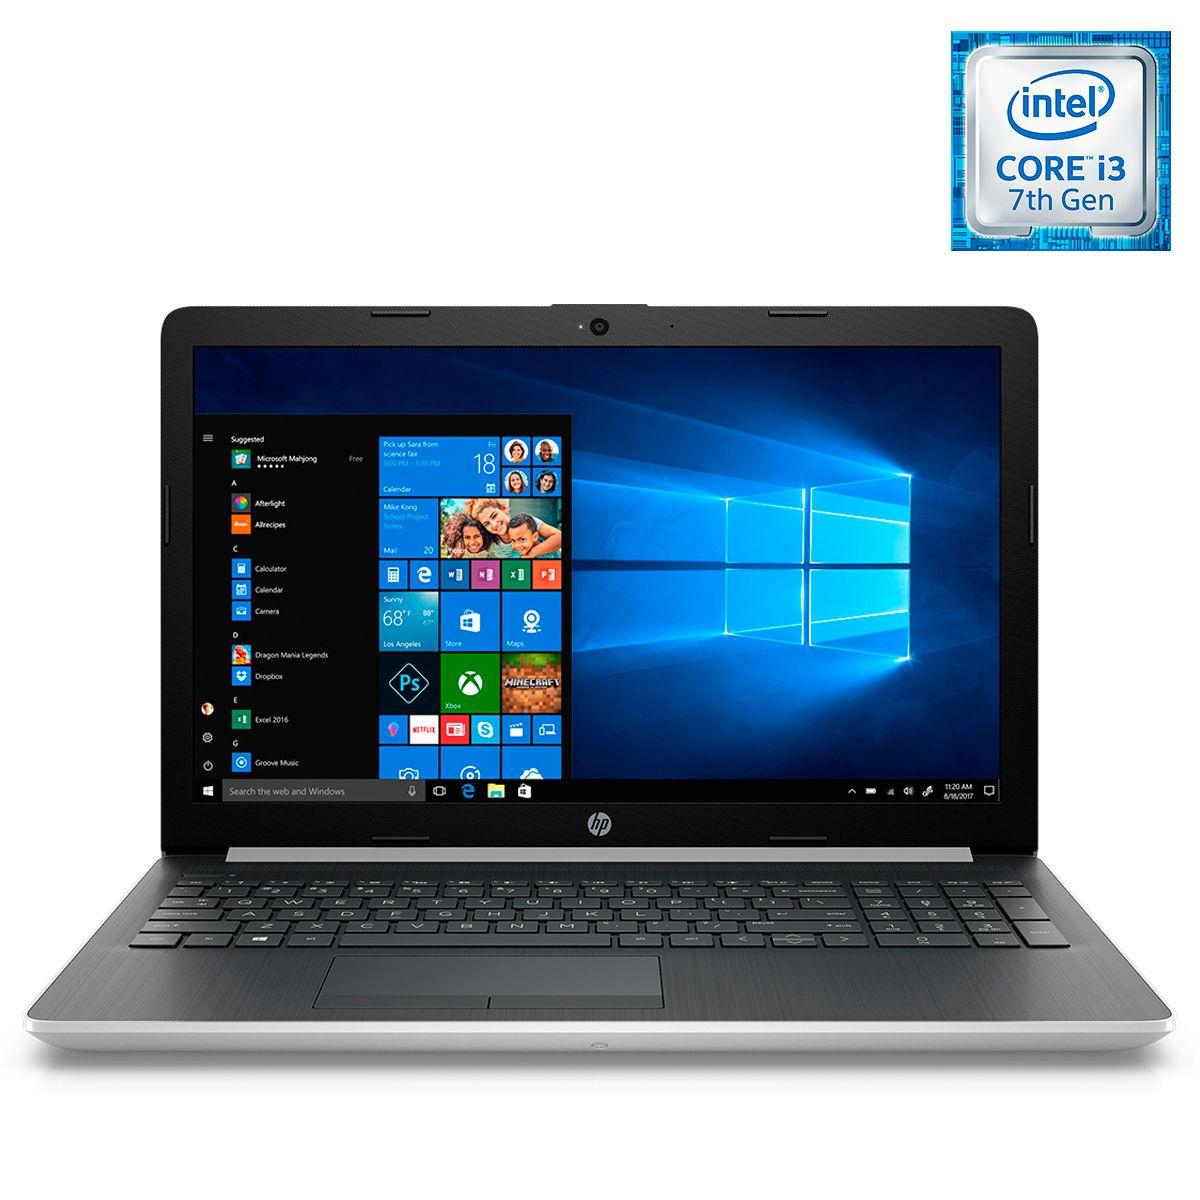 LAPTOP HP 15DA0009LA (COREI3, 15.6 PULG.) Laptop